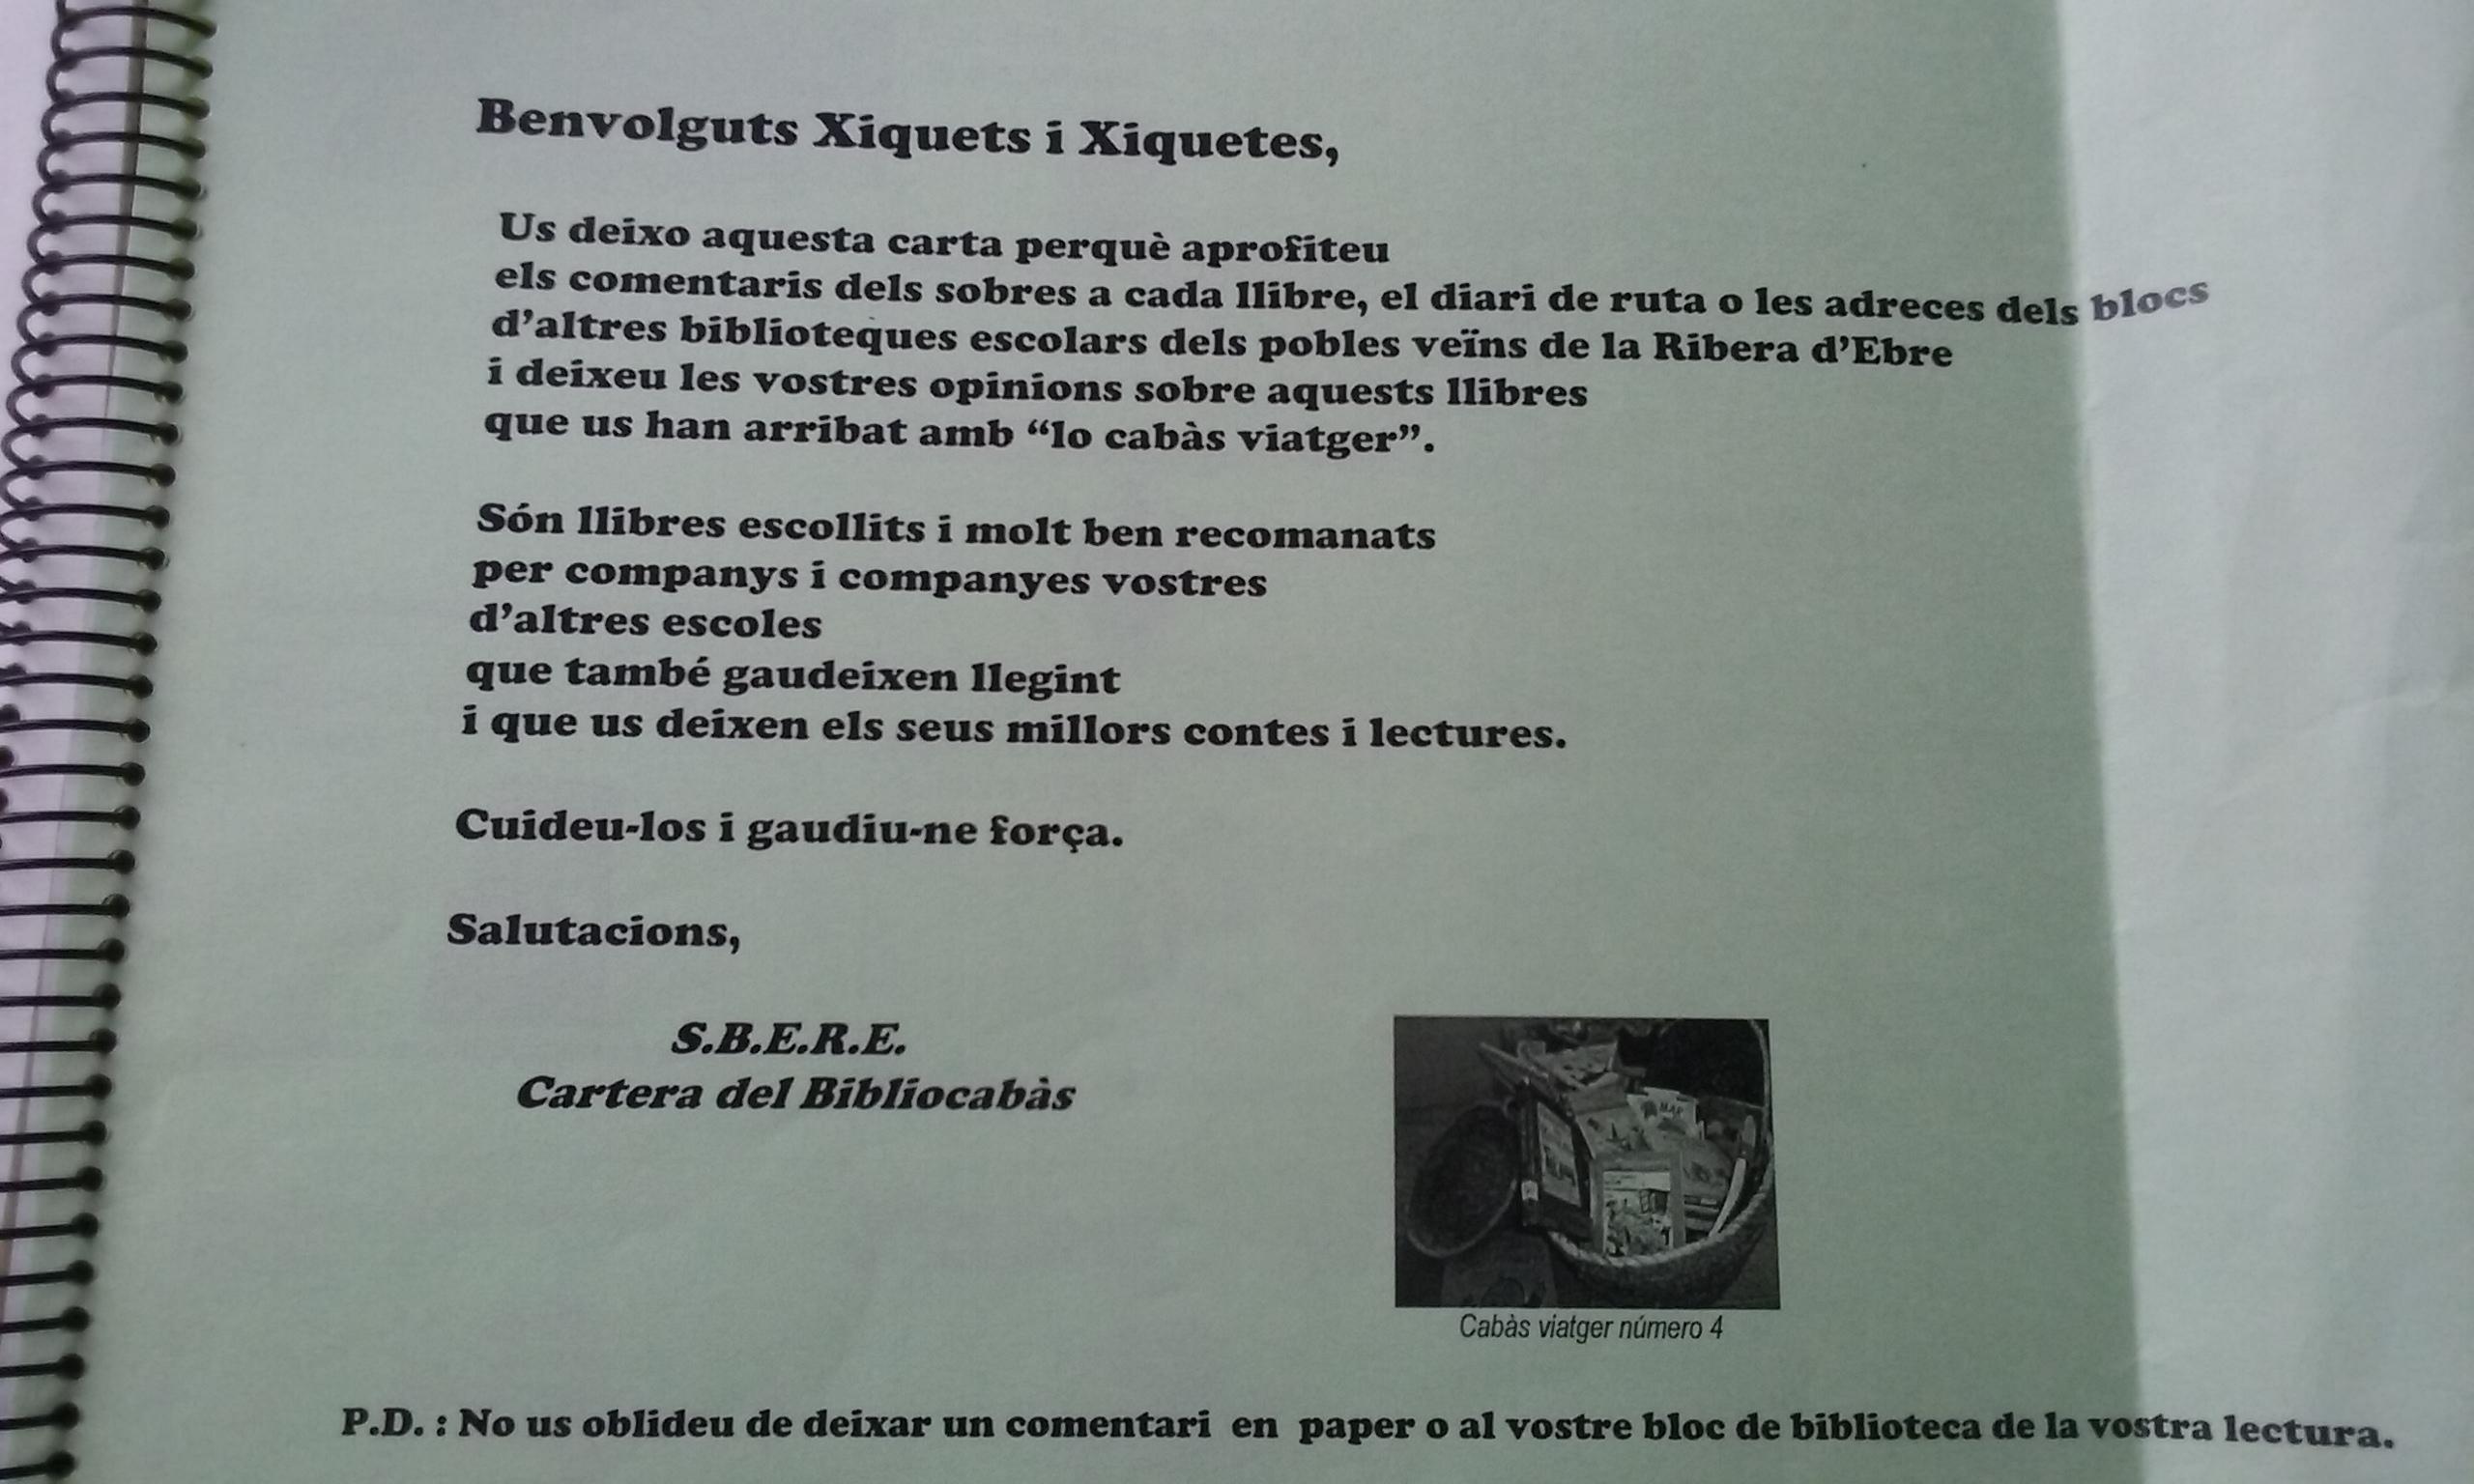 Diarir Ruta bibliocabas Ribera Carta Presentació